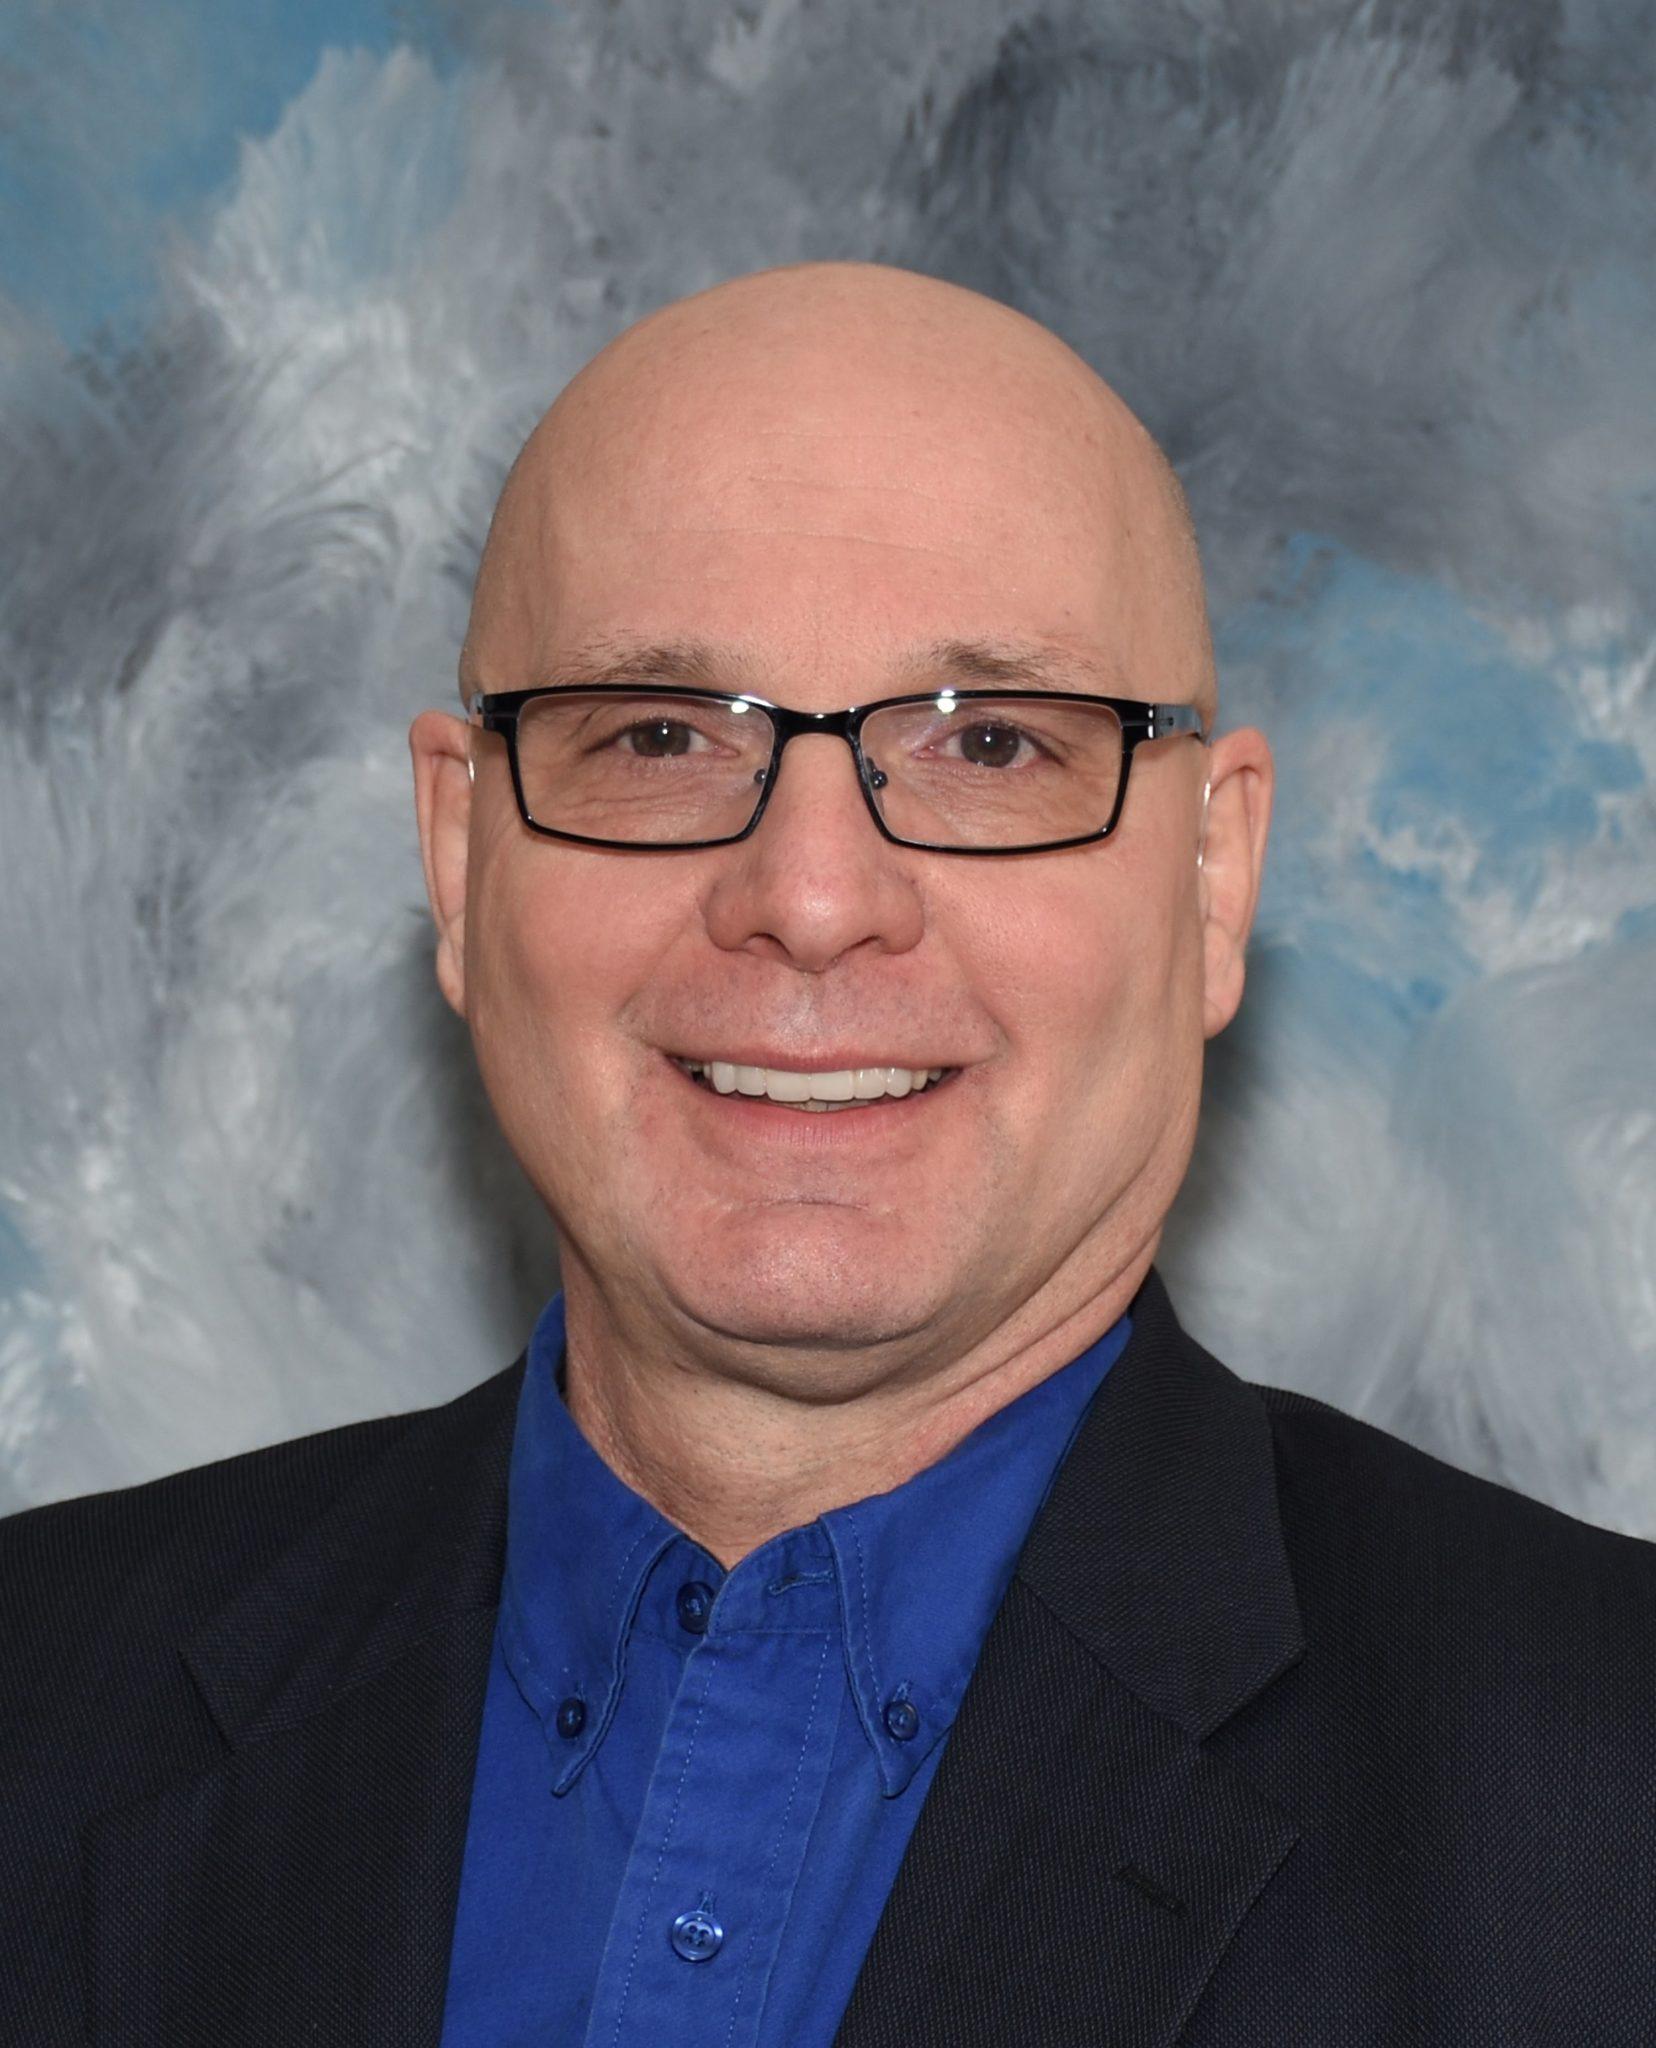 Kevin Kohler